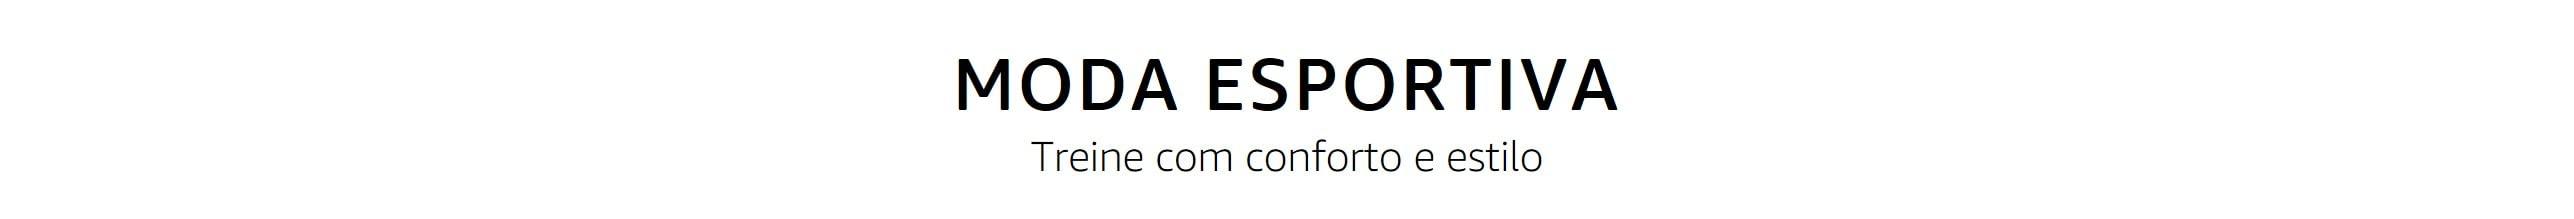 Moda Esportiva: Treine com conforto e estilo